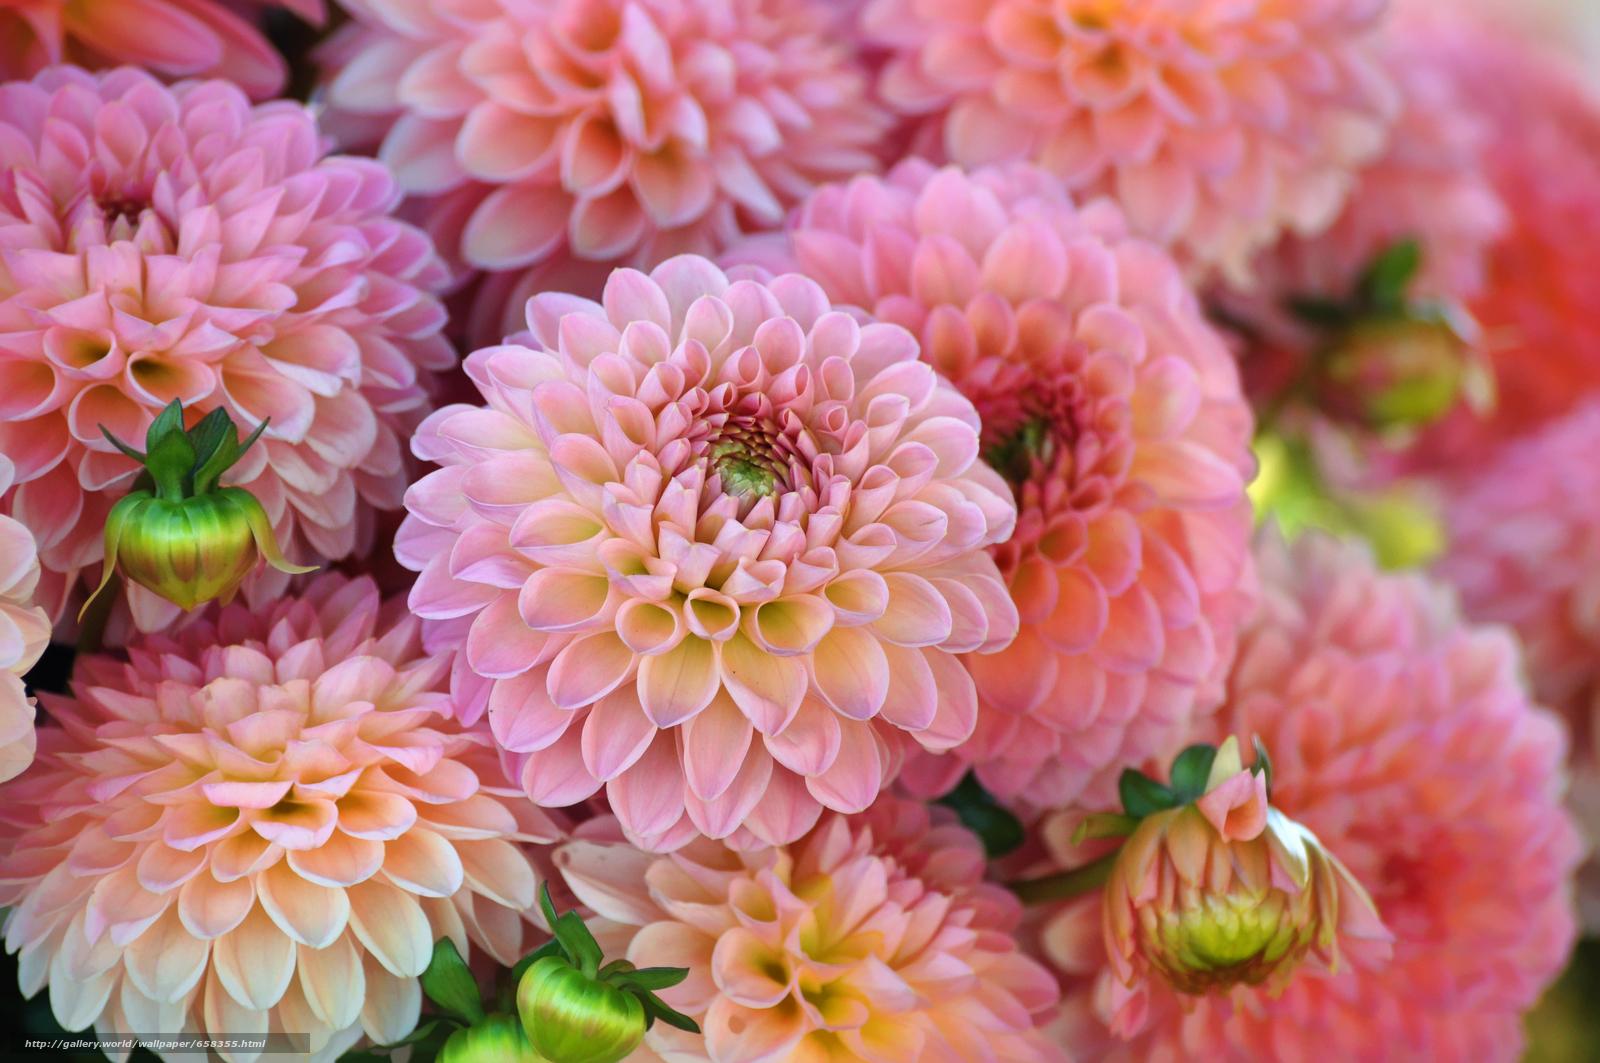 Скачать обои цветок,  цветы,  флора,  георгин бесплатно для рабочего стола в разрешении 4288x2848 — картинка №658355